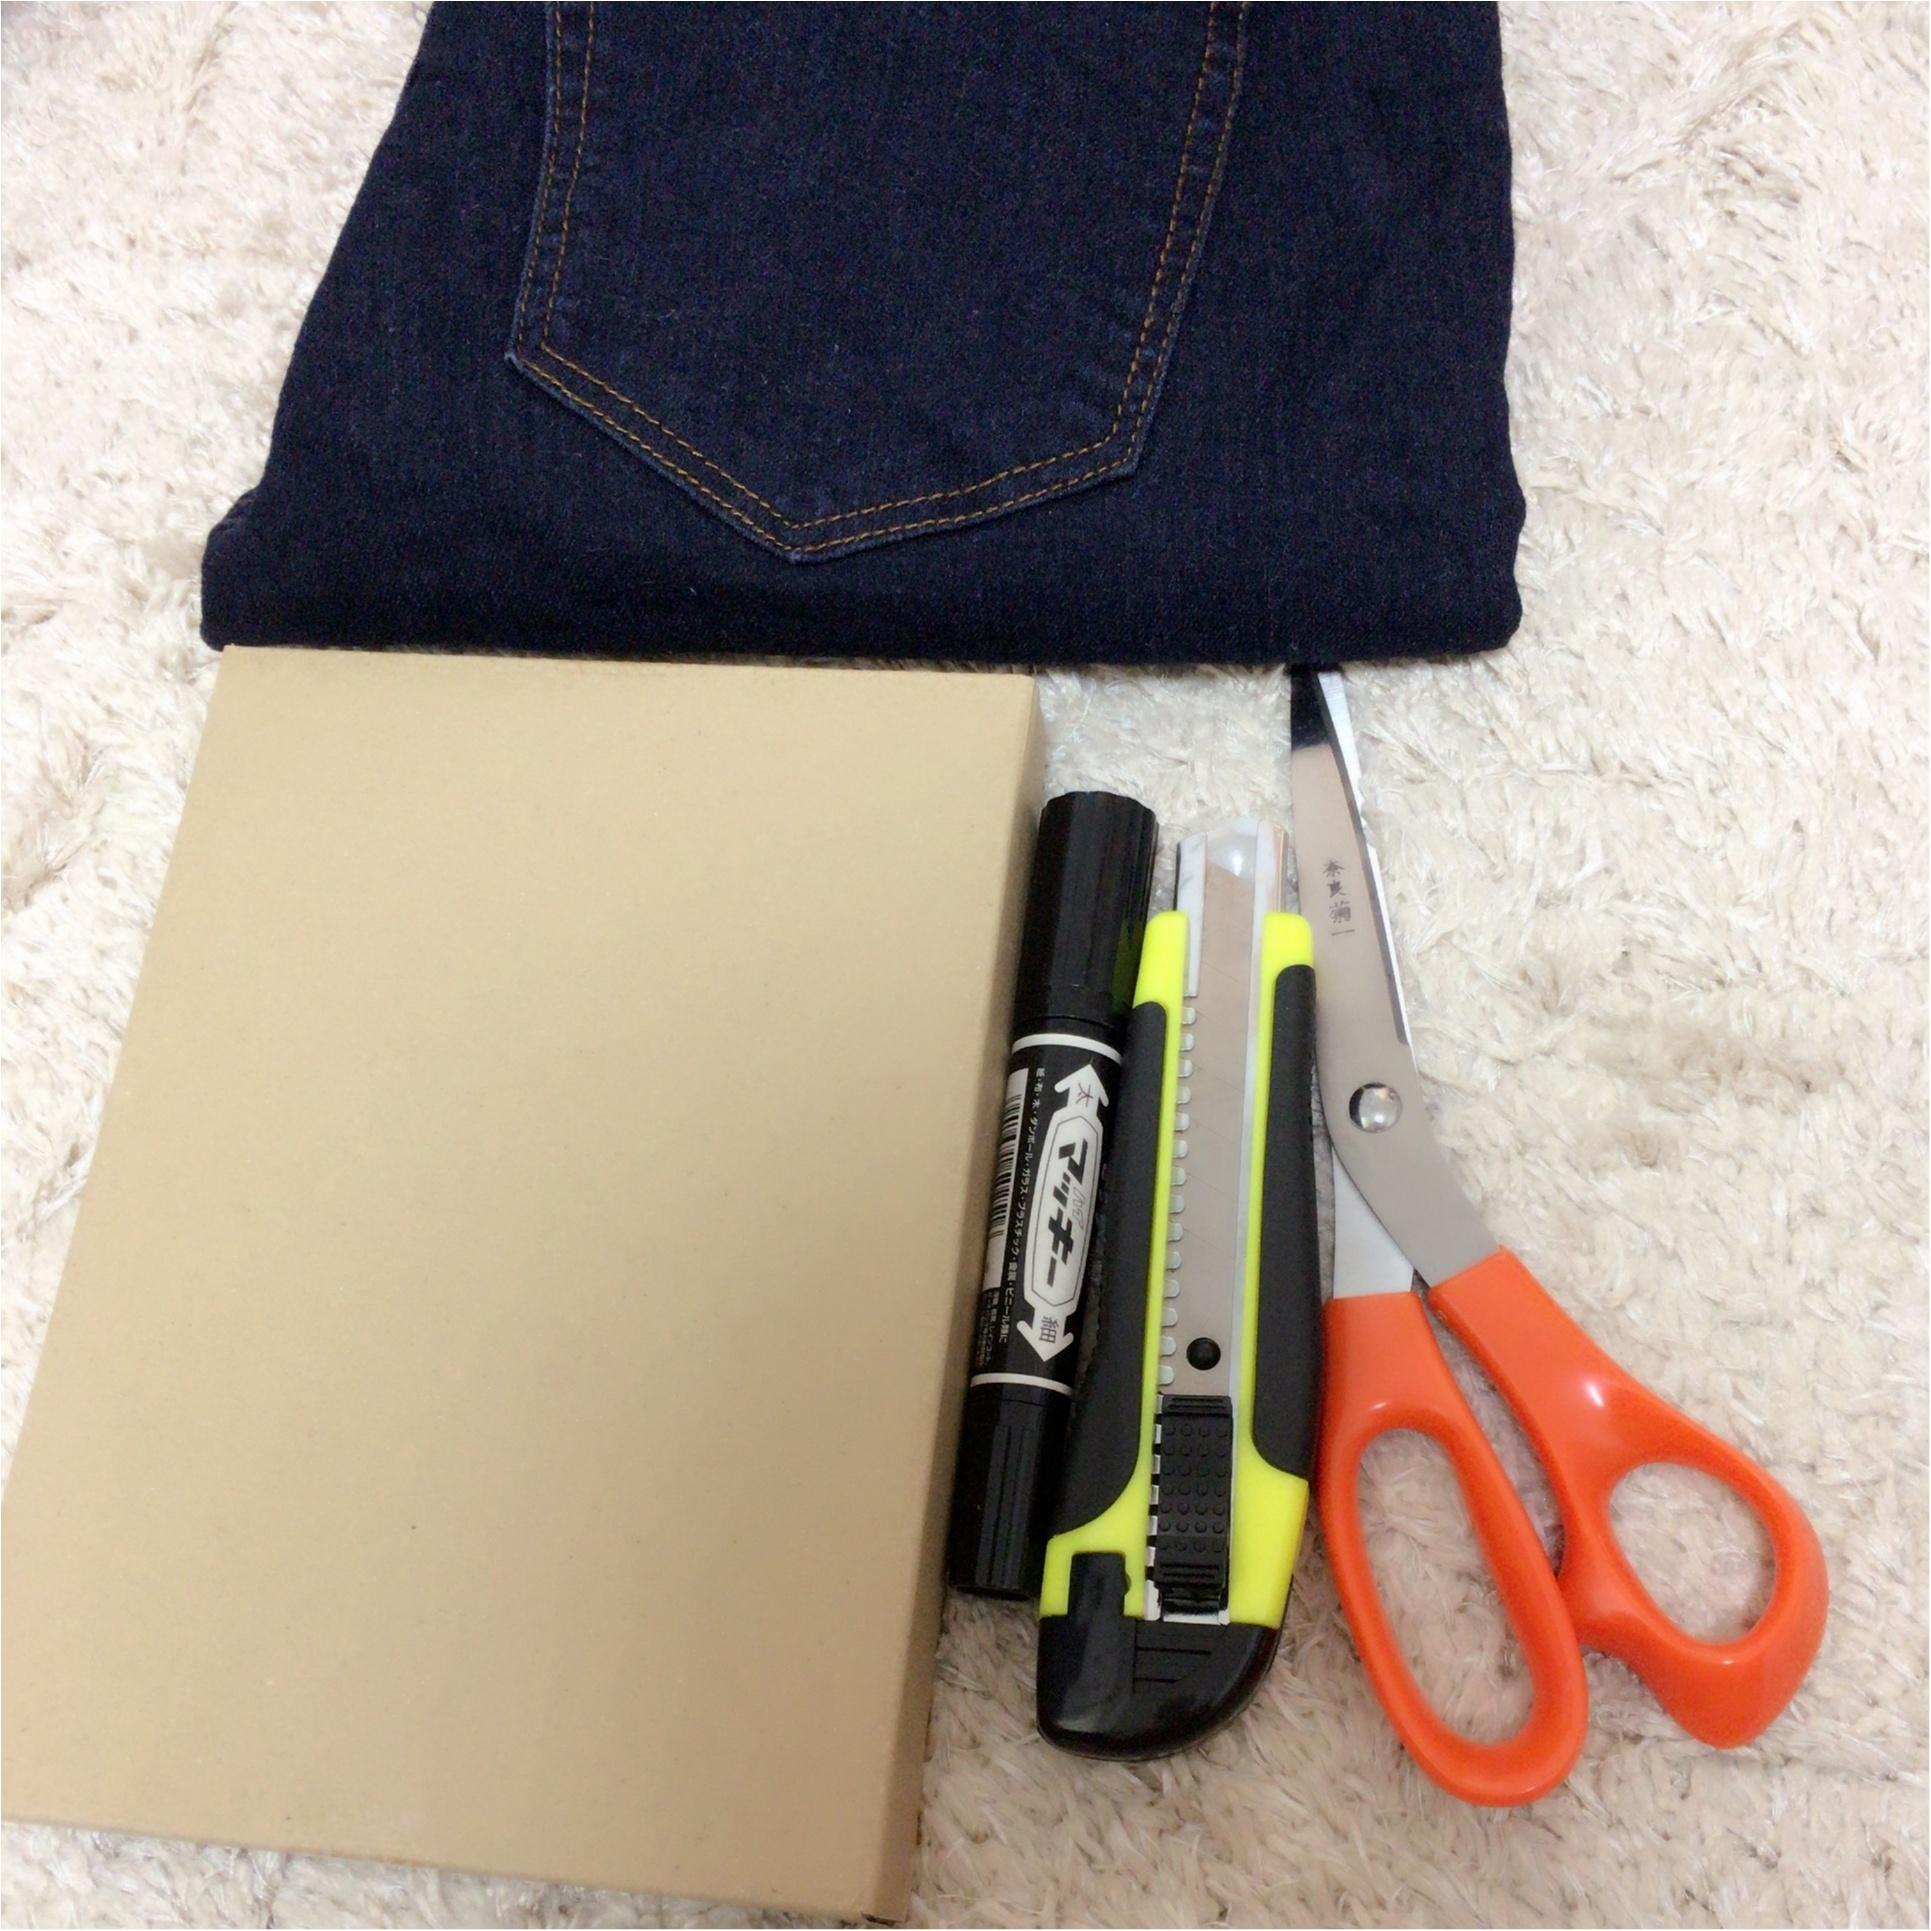 《簡単DIY》なければ作ればいい!自分好みのカットオフダメージジーンズ!!_2